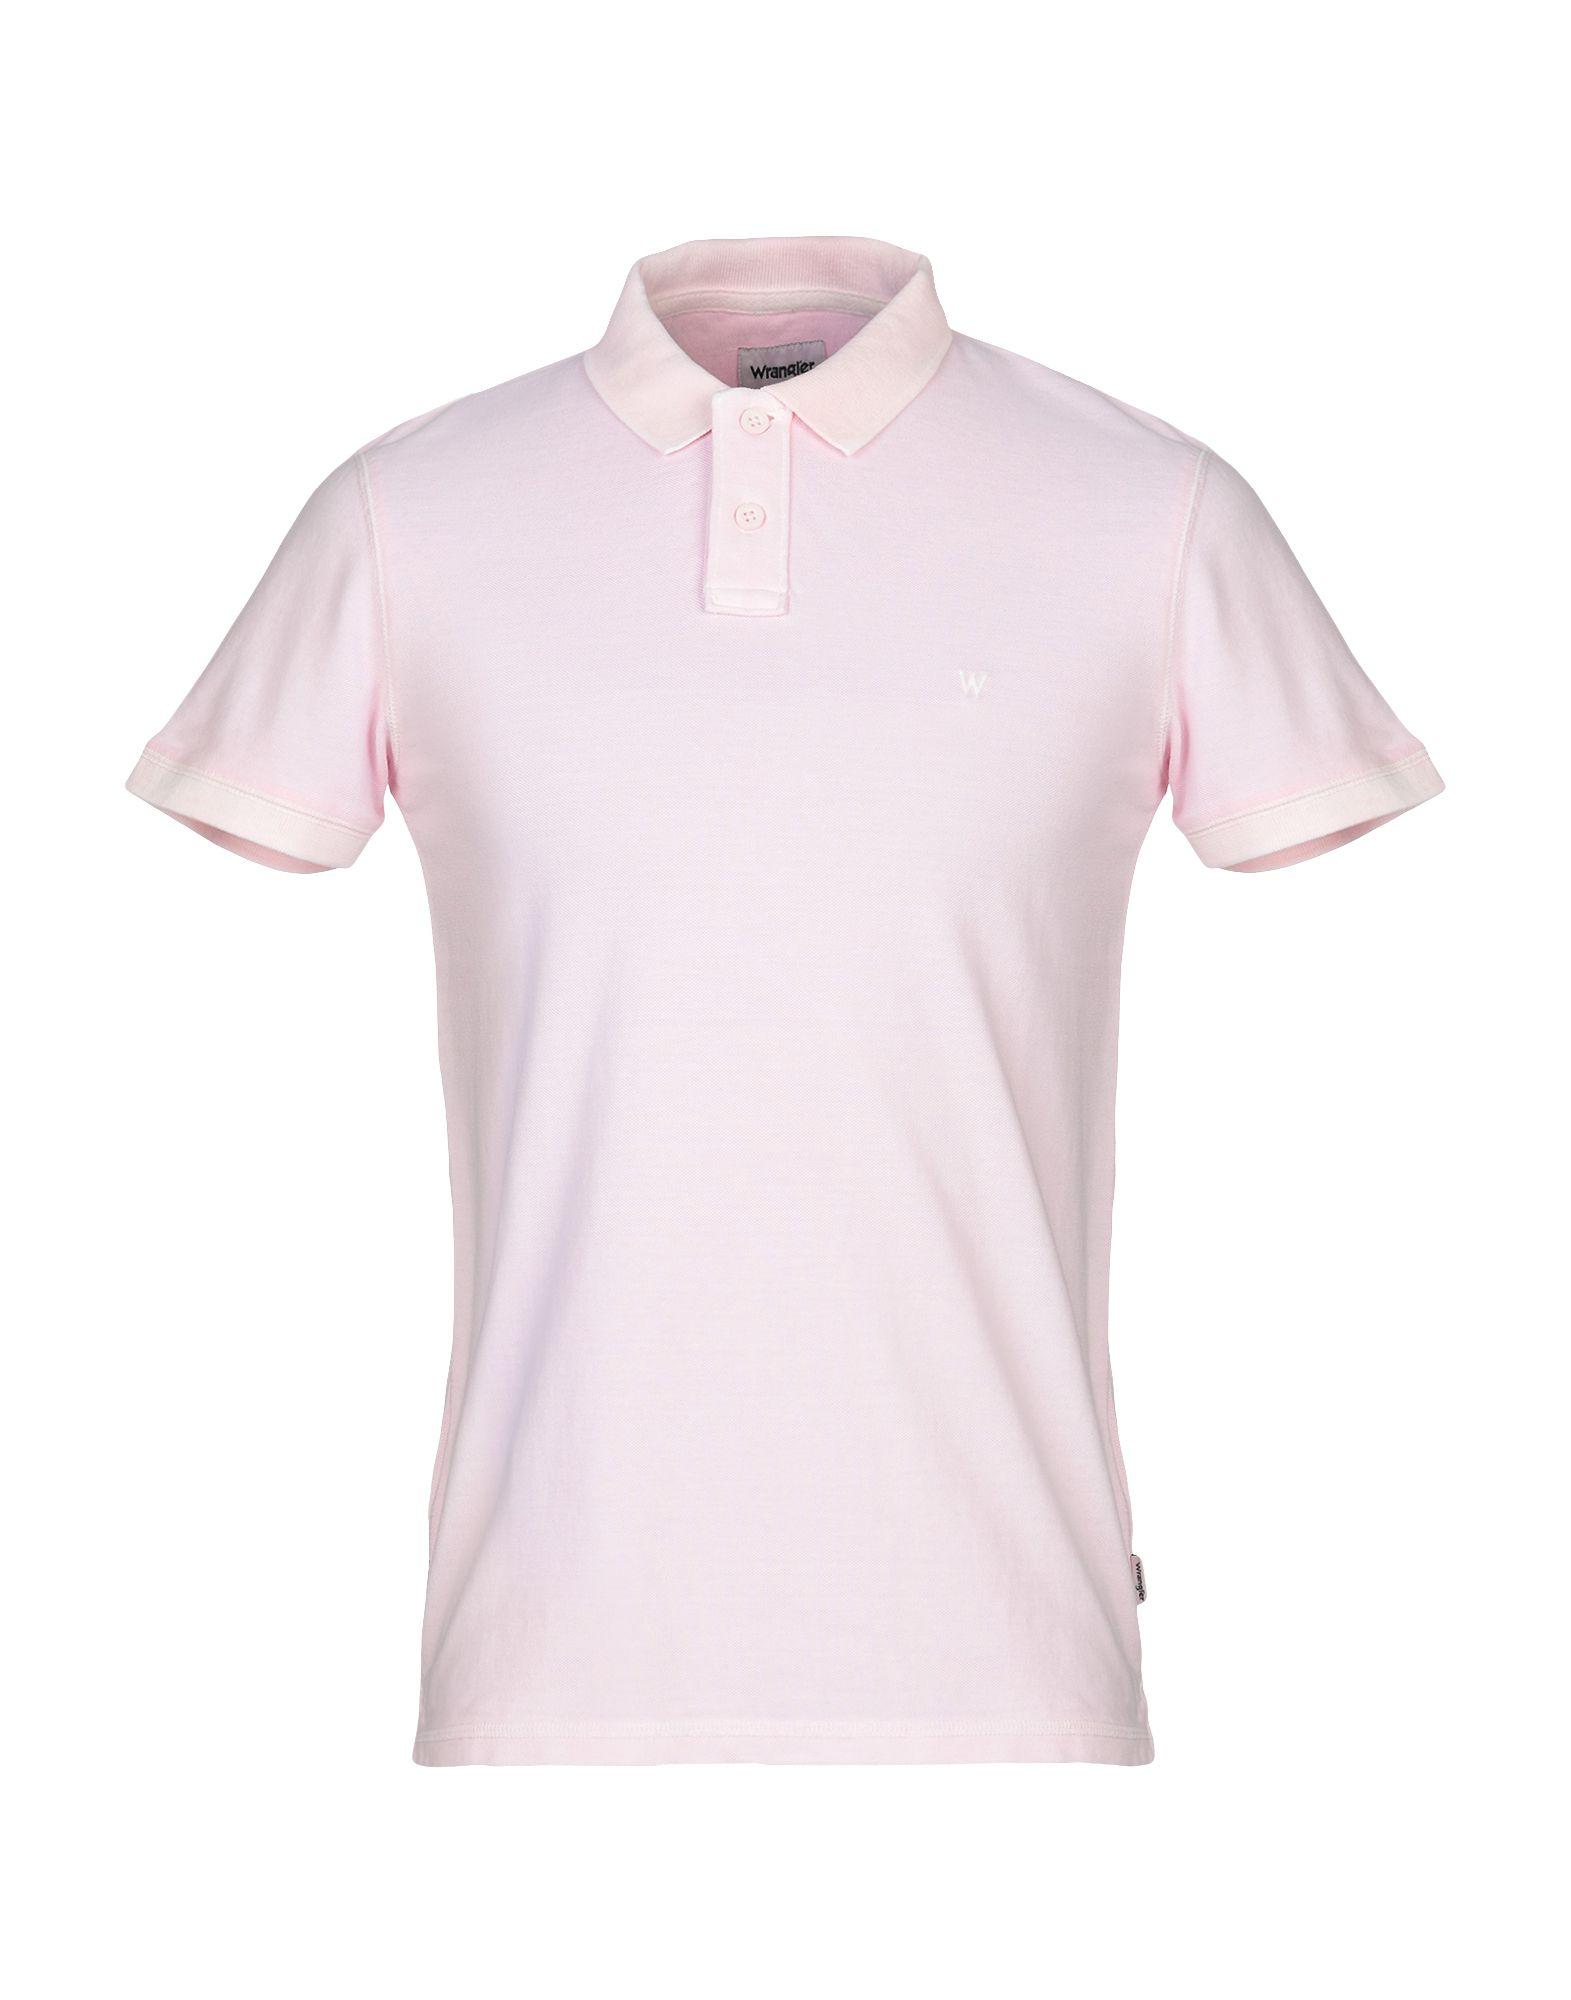 《送料無料》WRANGLER メンズ ポロシャツ ピンク S コットン 100%